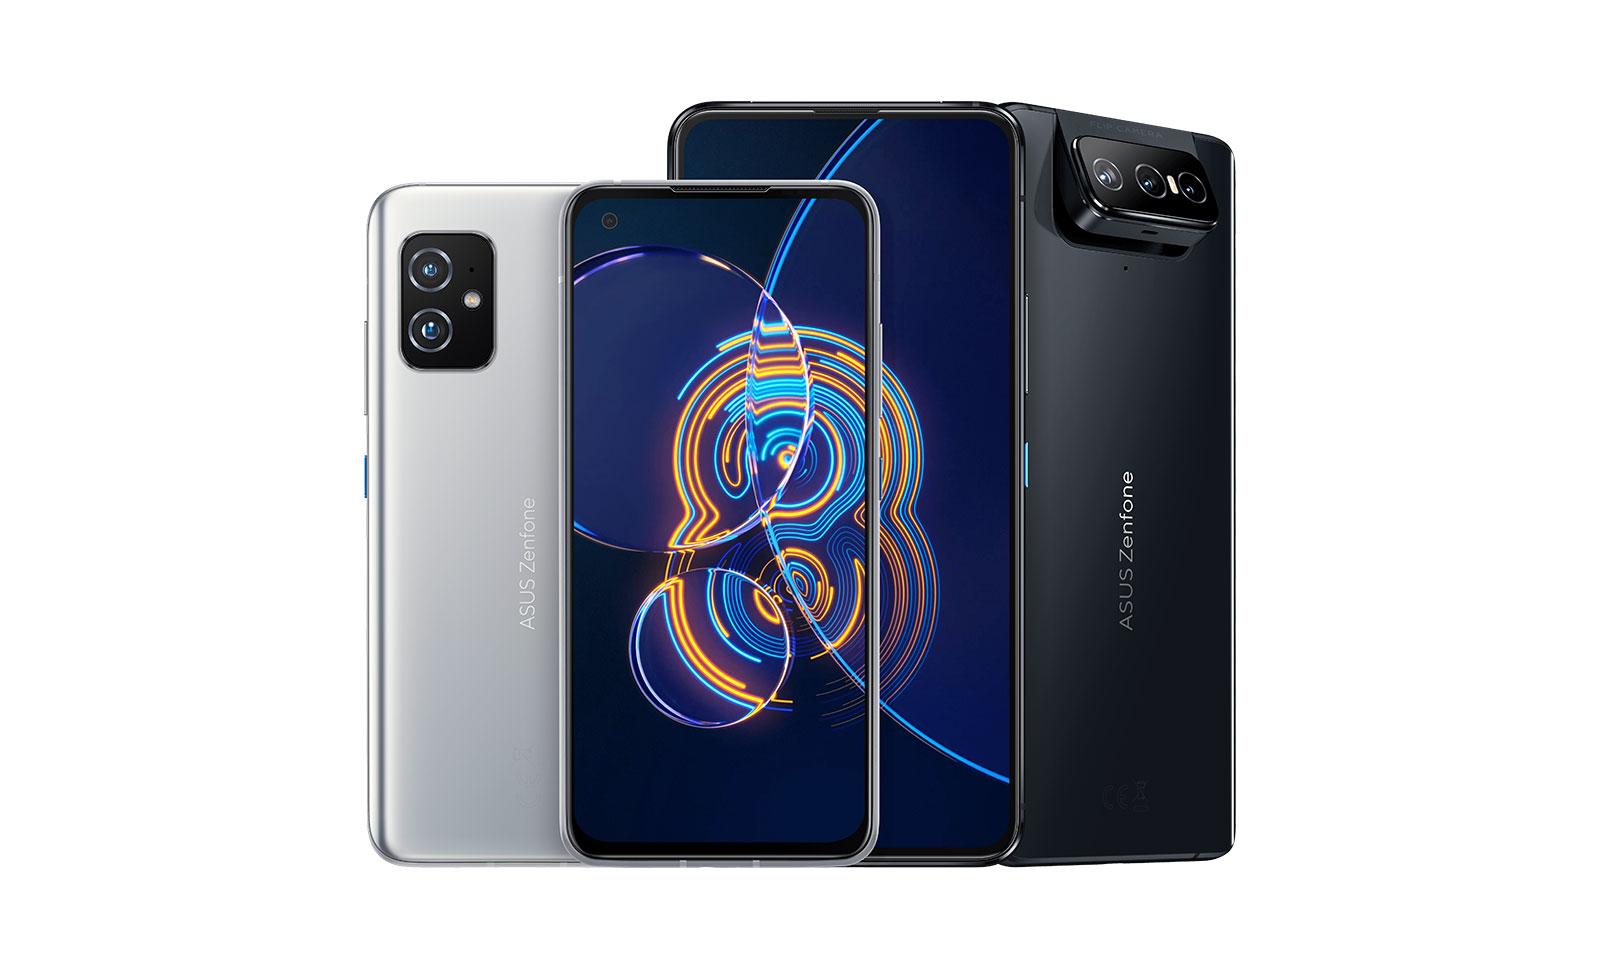 Telefoanele Zenfone 8 și Zenfone 8 Flip